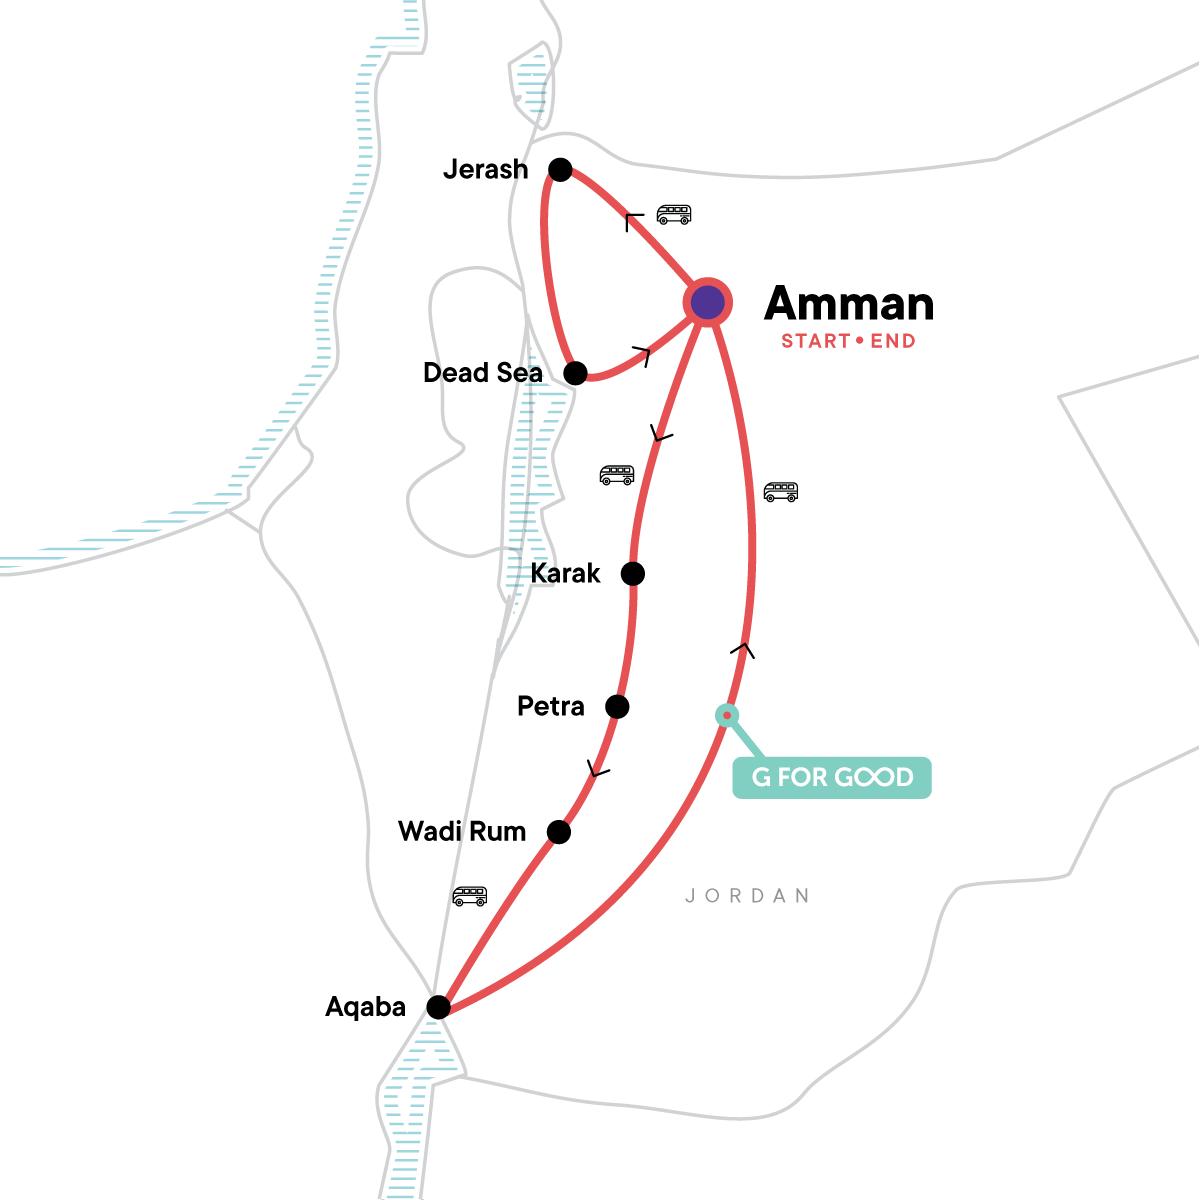 Highlights of Jordan Map